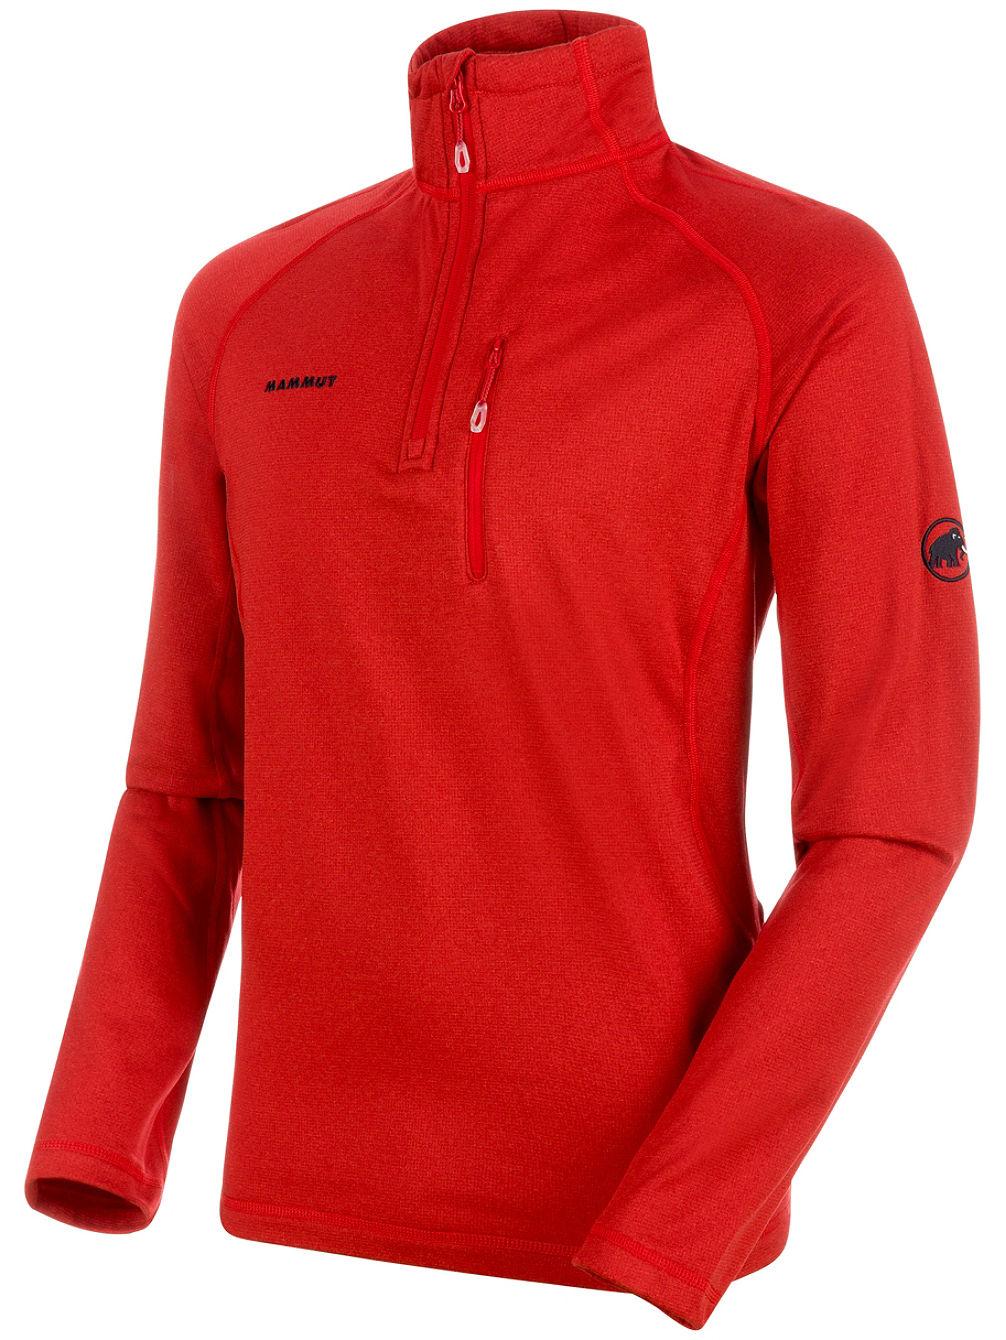 brand new 672a7 3e5f8 Runbold Ml Half Zip Fleece Pullover